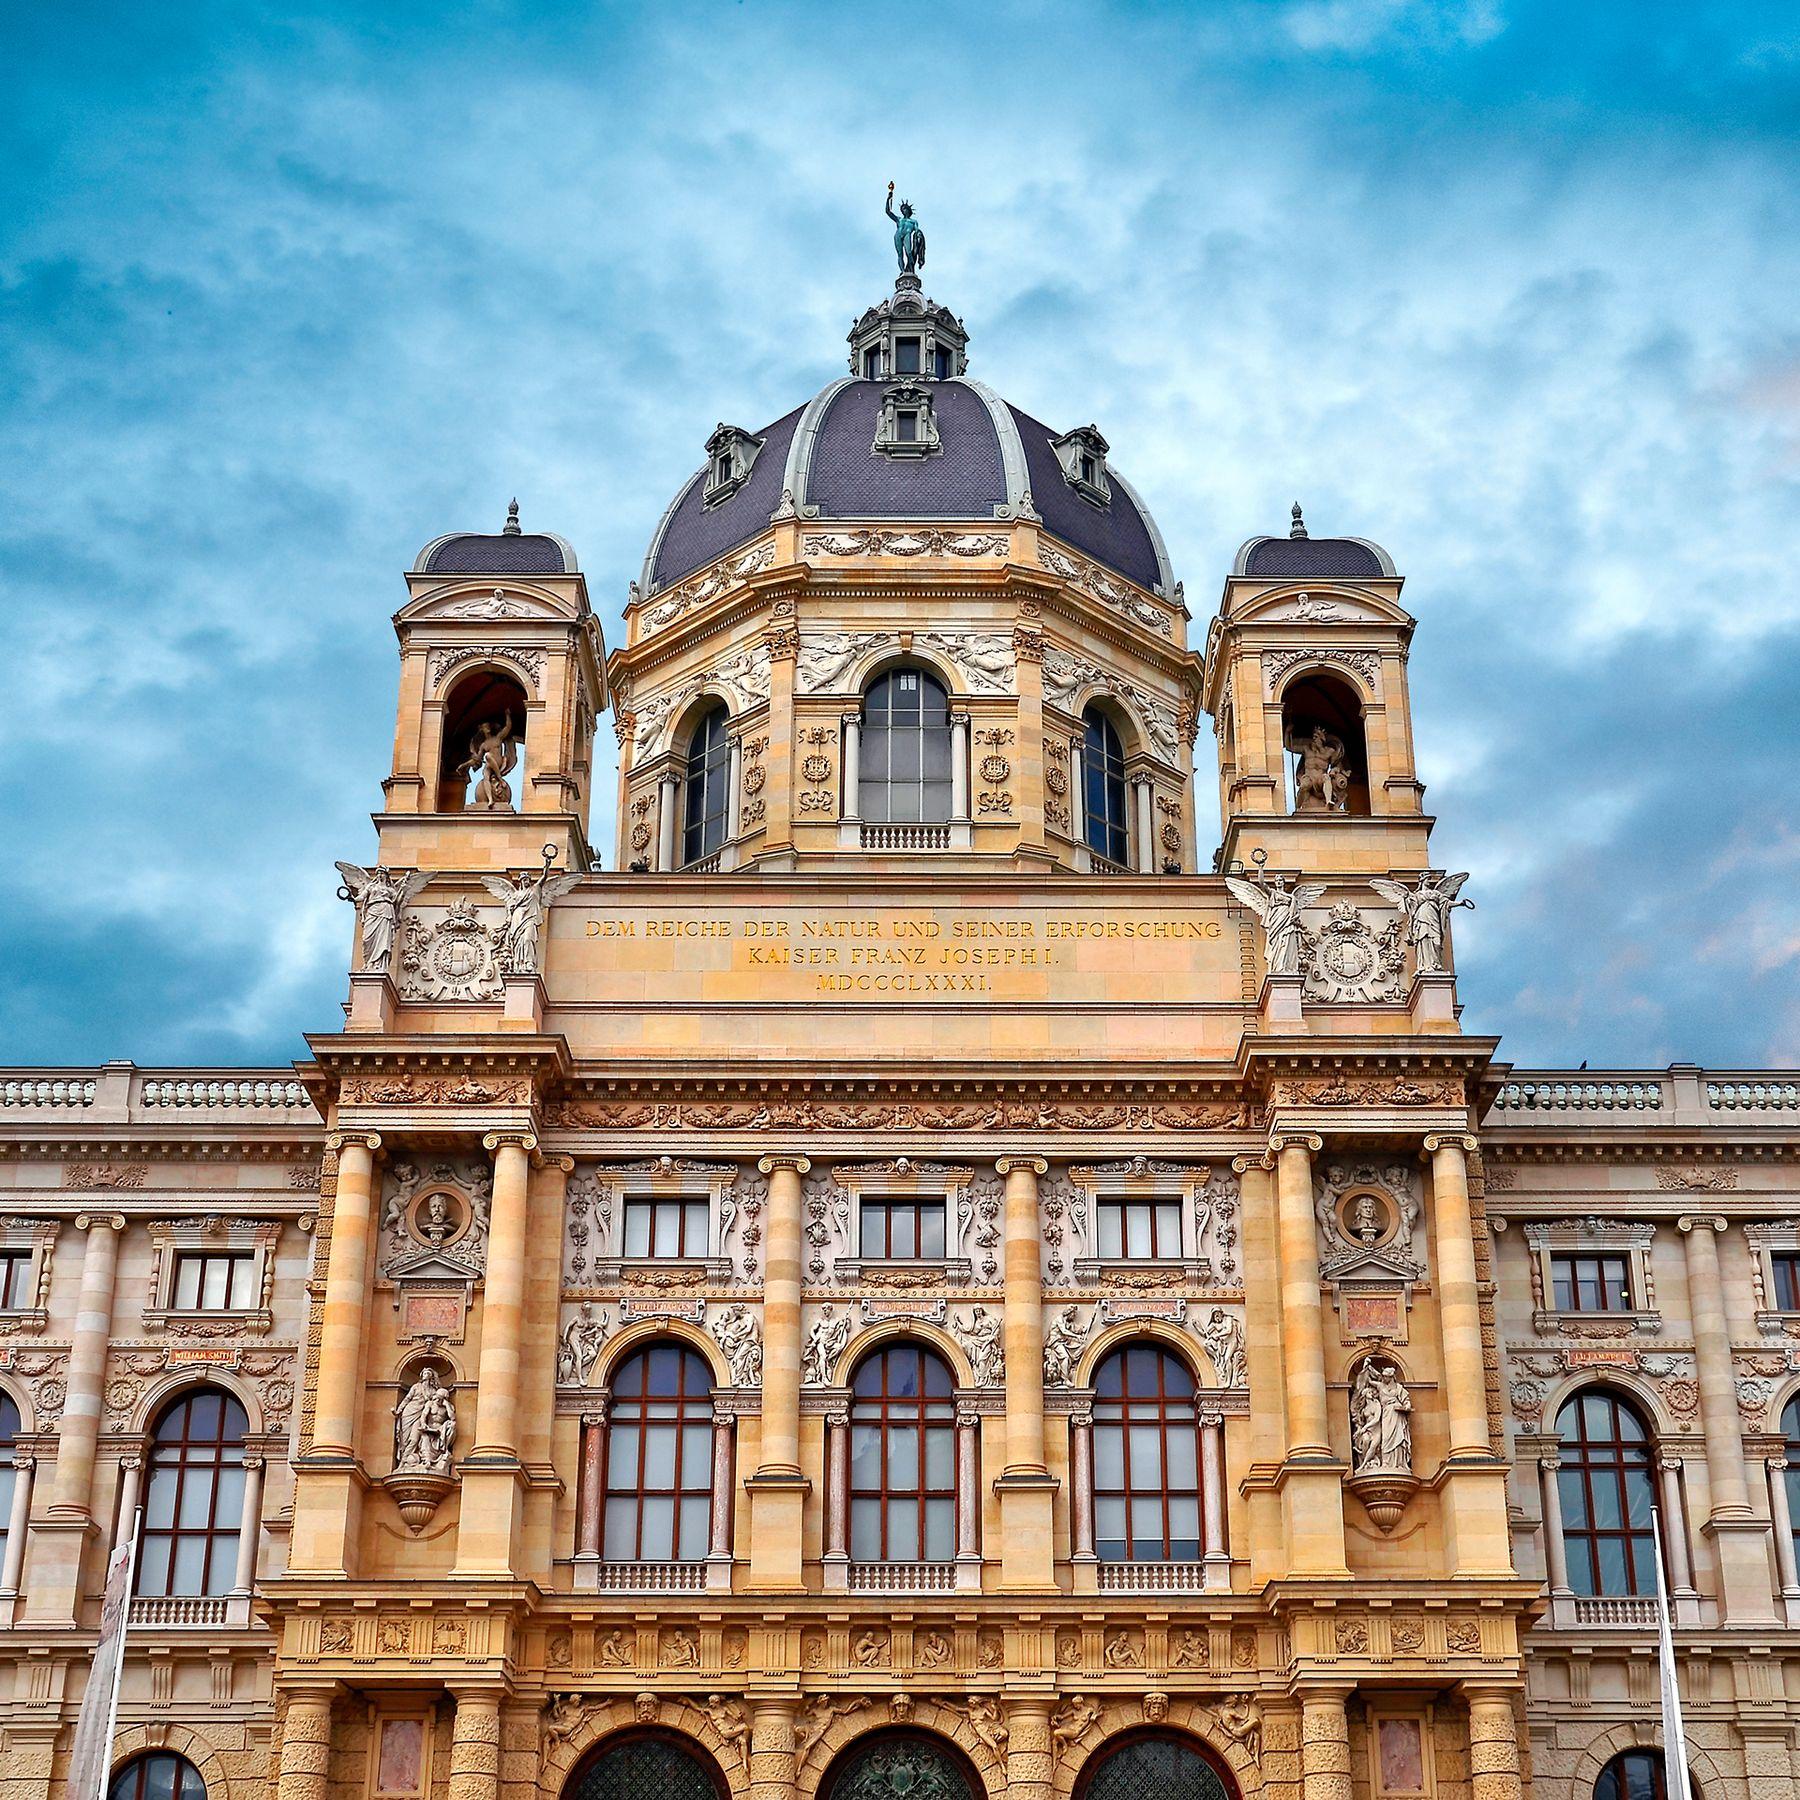 Австрия - Вена 2017 Вена Австрия Кайзер памятник ЮНЕСКО Европа